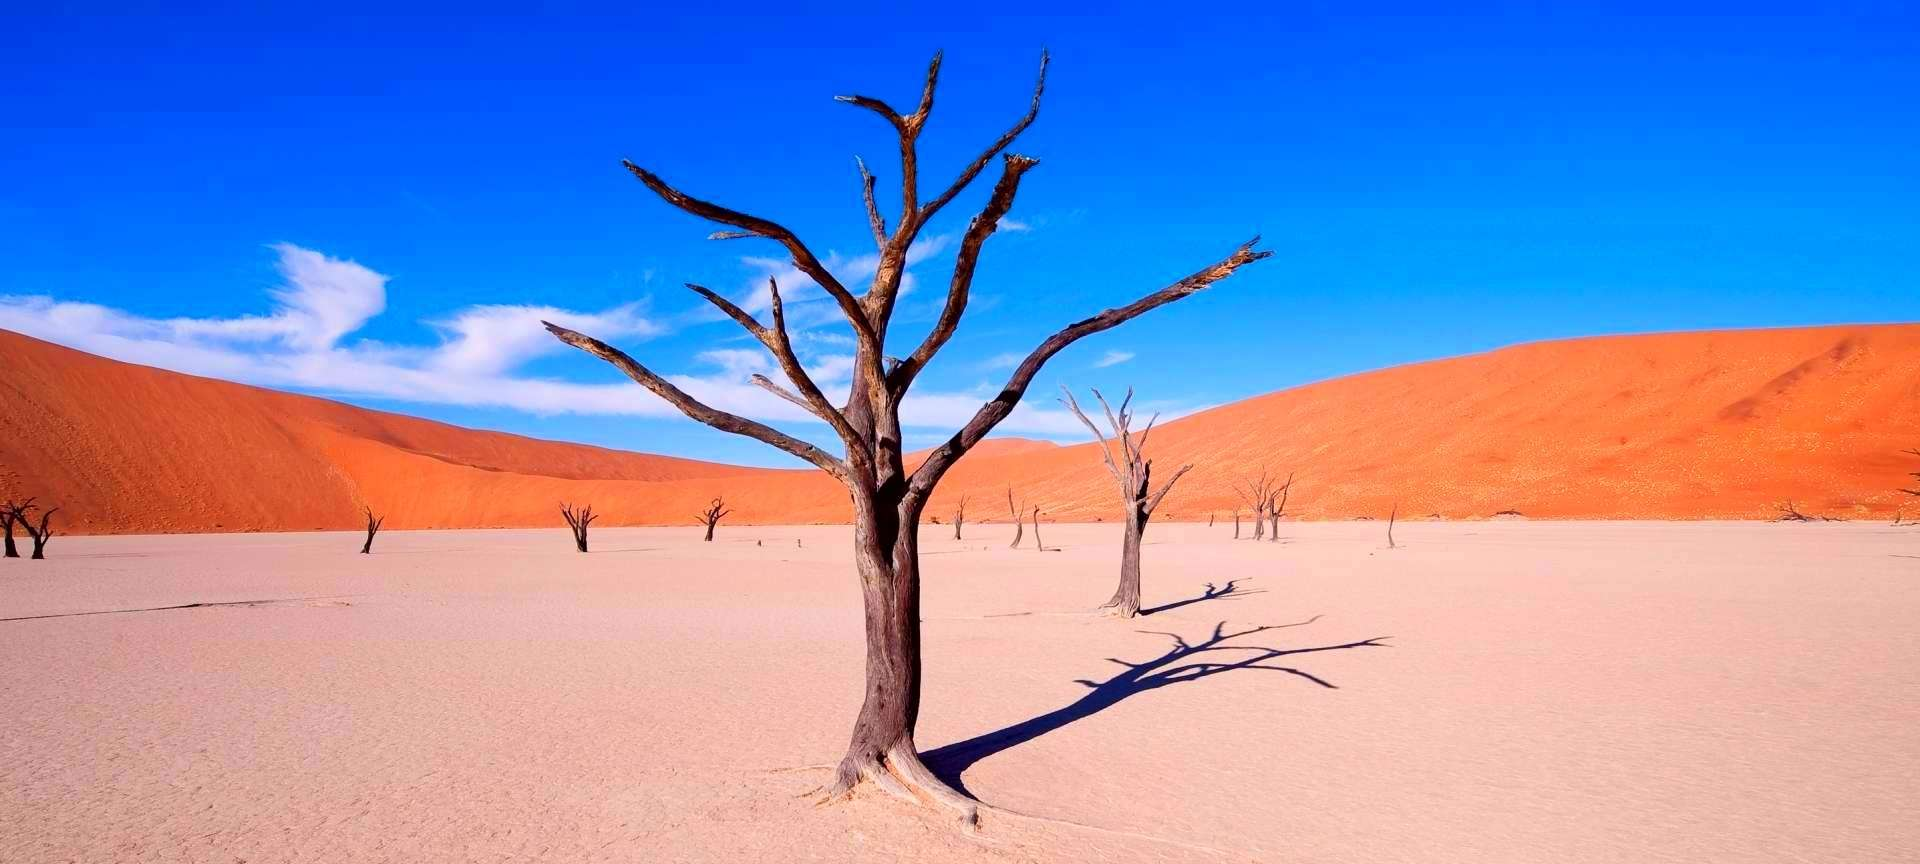 Sossusvlei, Namibia Desert, Africa